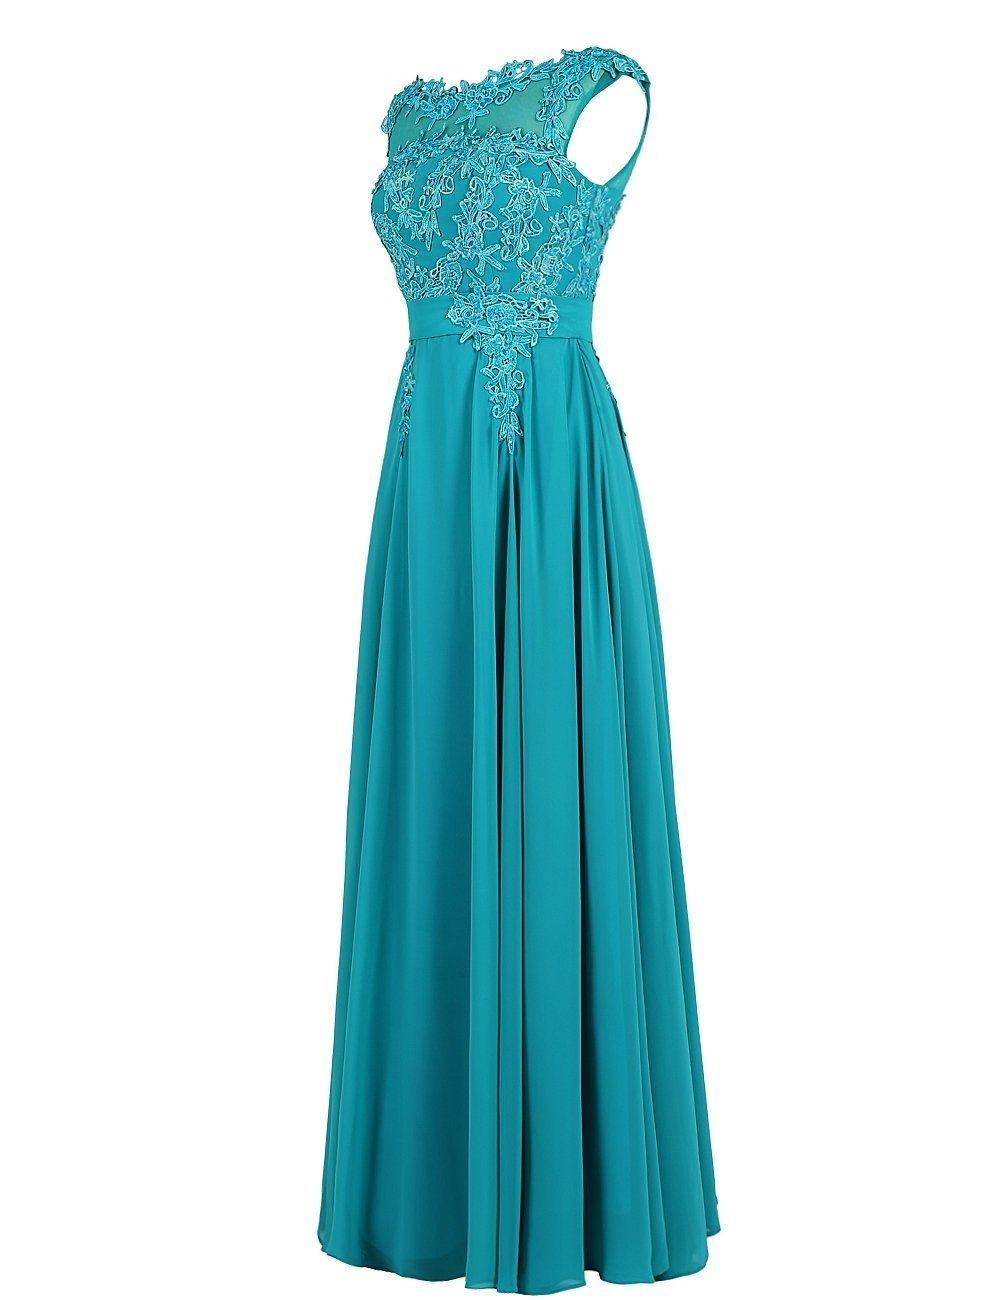 10 Erstaunlich Kleid Royalblau Lang Vertrieb Genial Kleid Royalblau Lang Ärmel